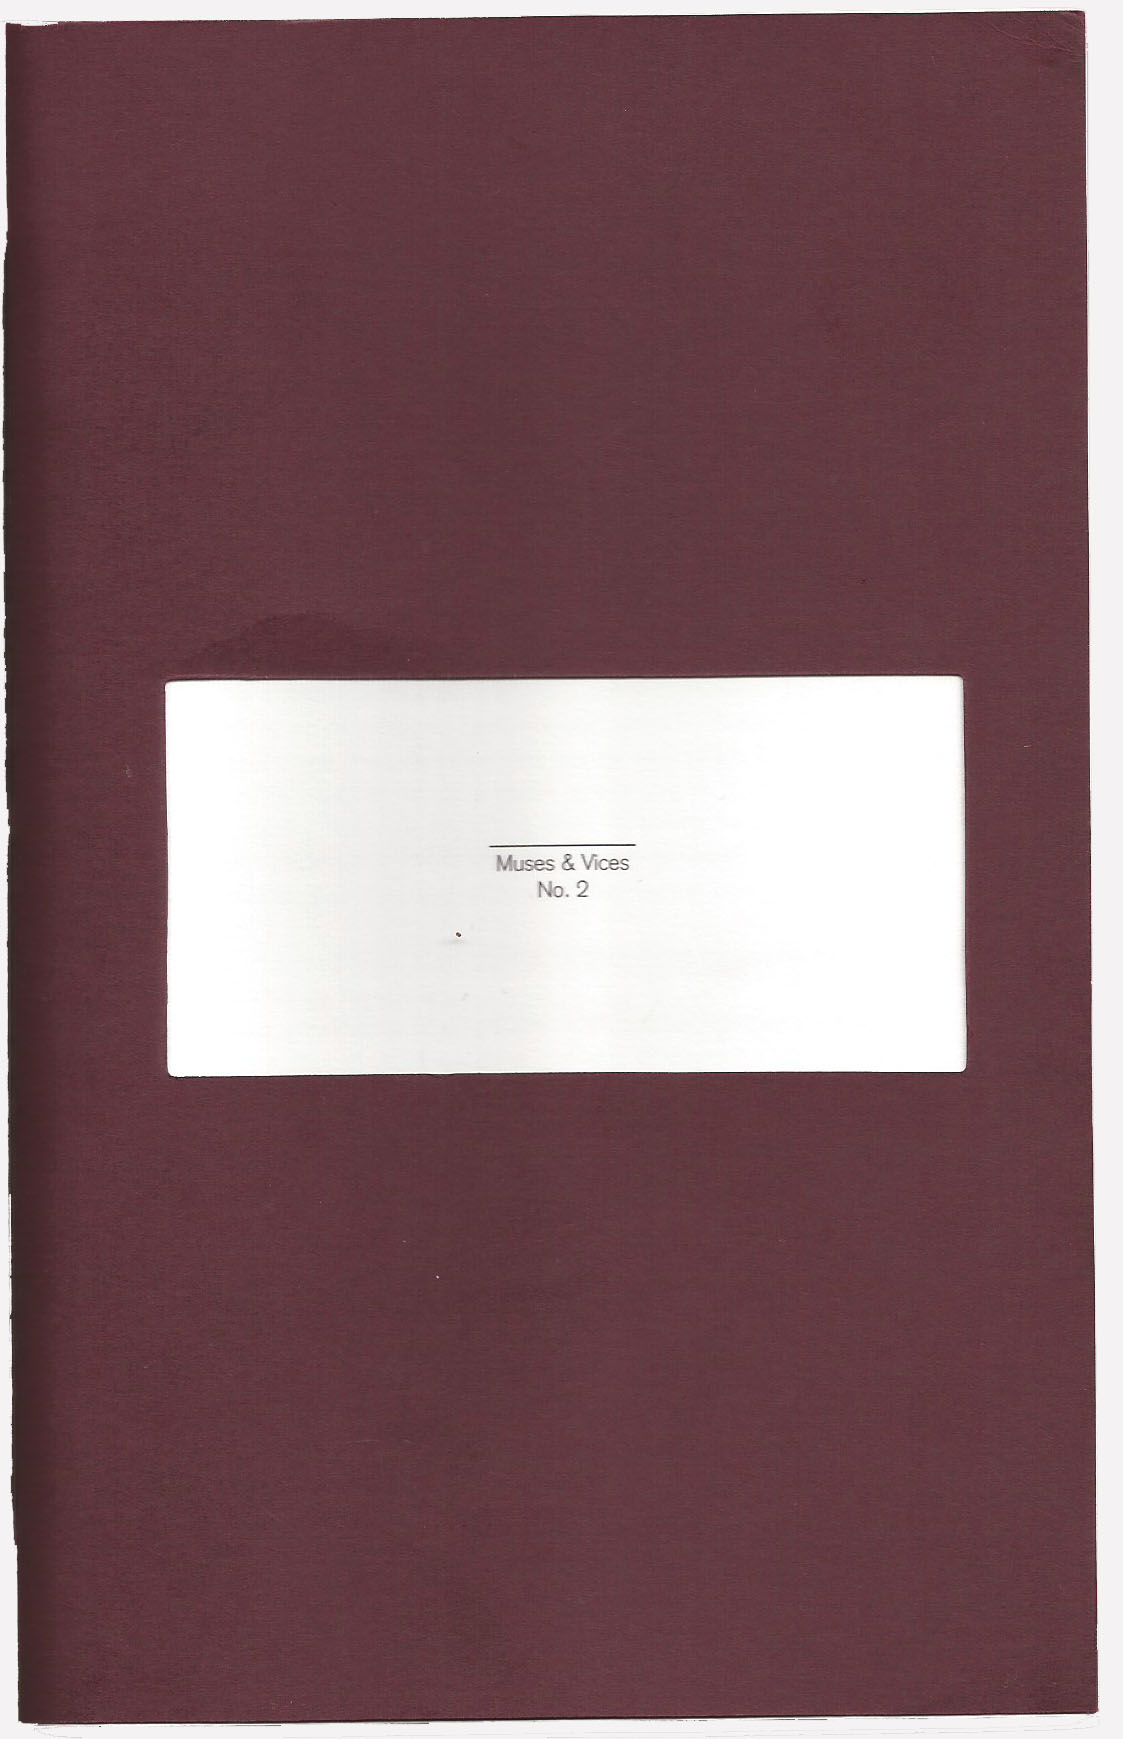 mv cover.jpg